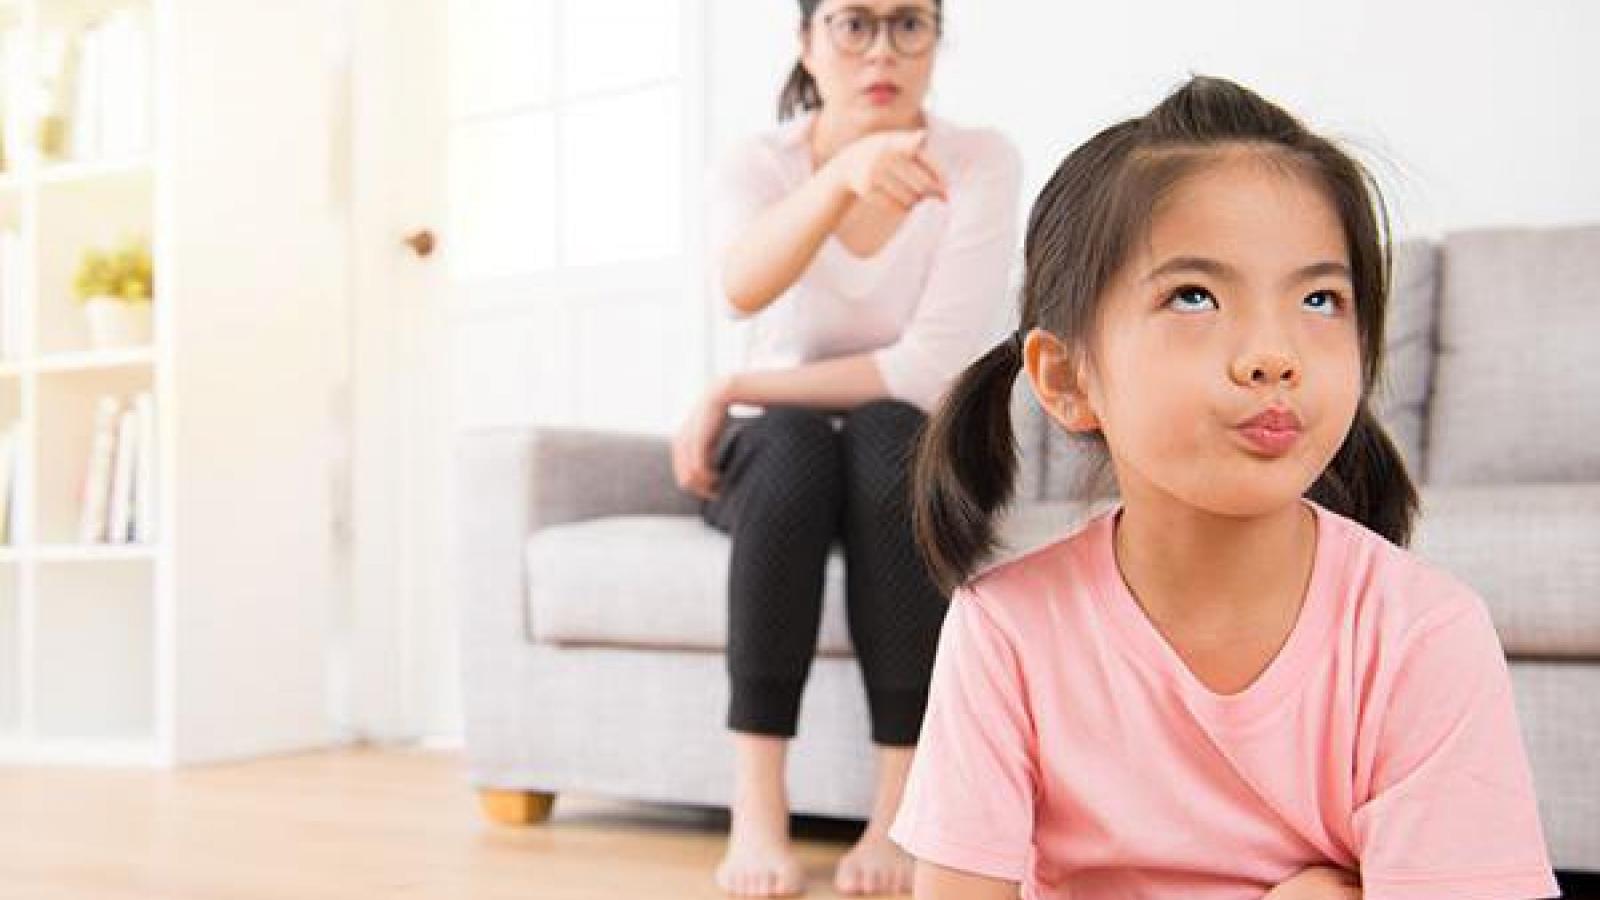 Những lời nói cần cân nhắc trước khi nói để không làm tổn thương con trẻ